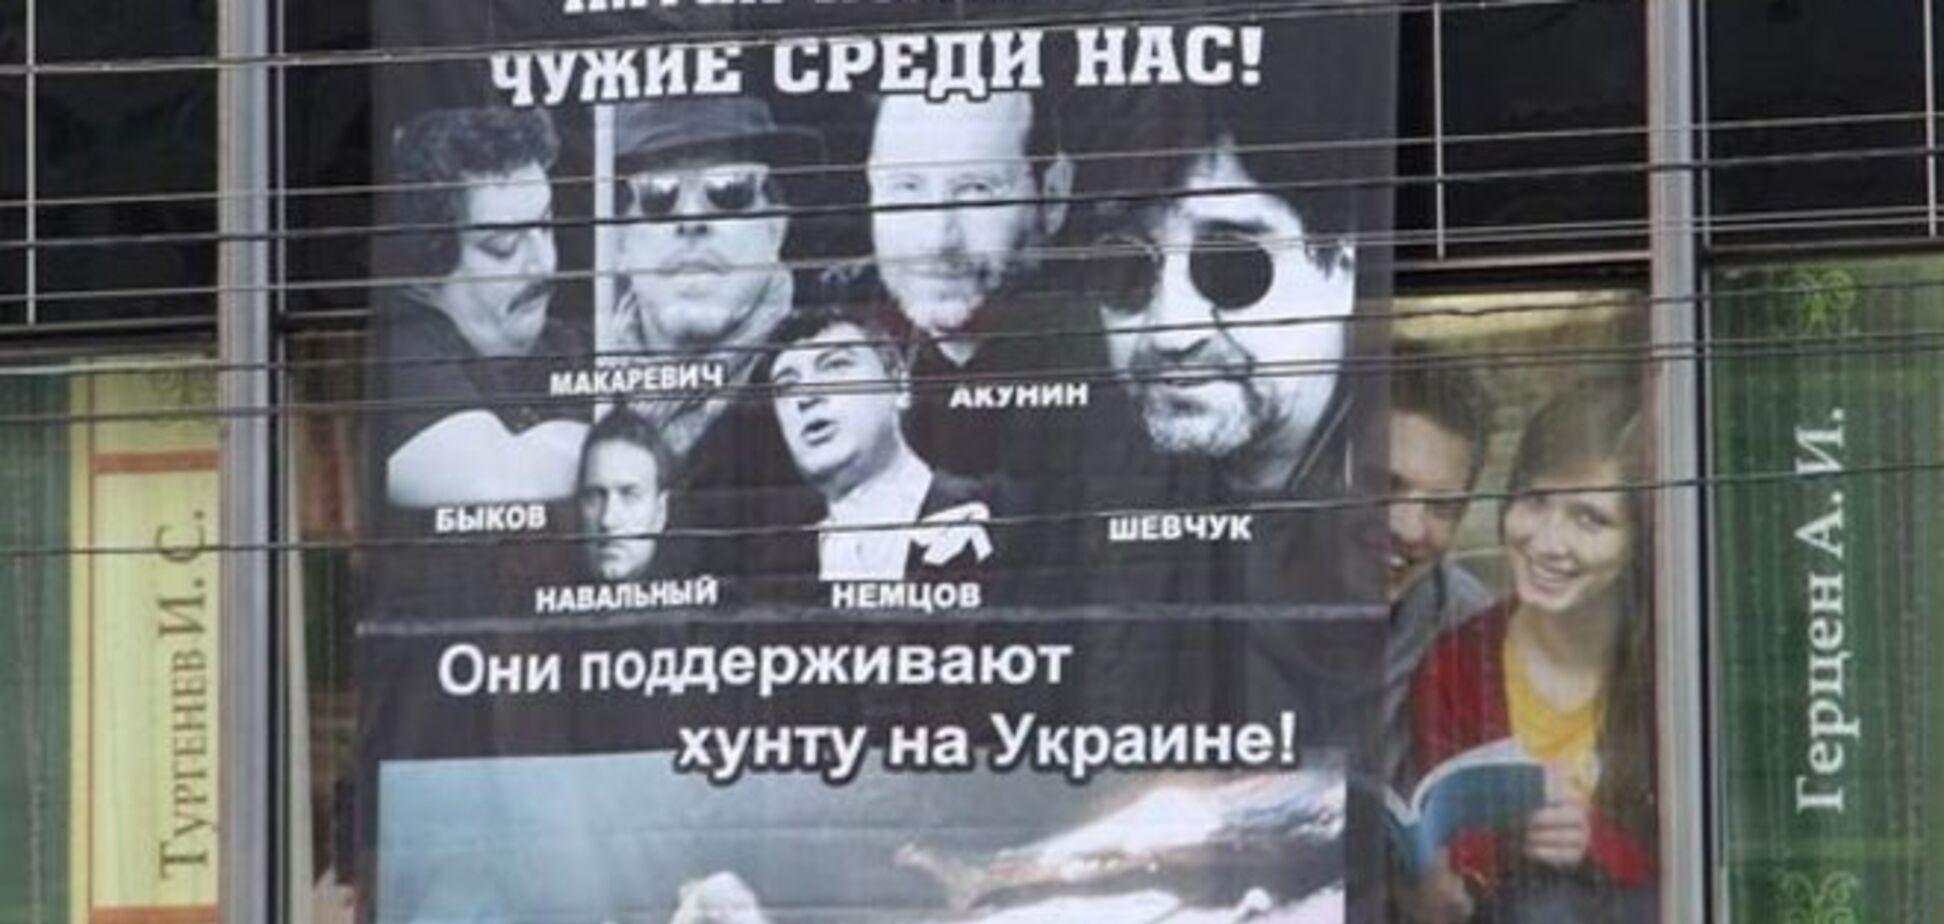 У РФ за відмову підтримати агресію Путіна продовжують 'труїти' діячів культури і політики